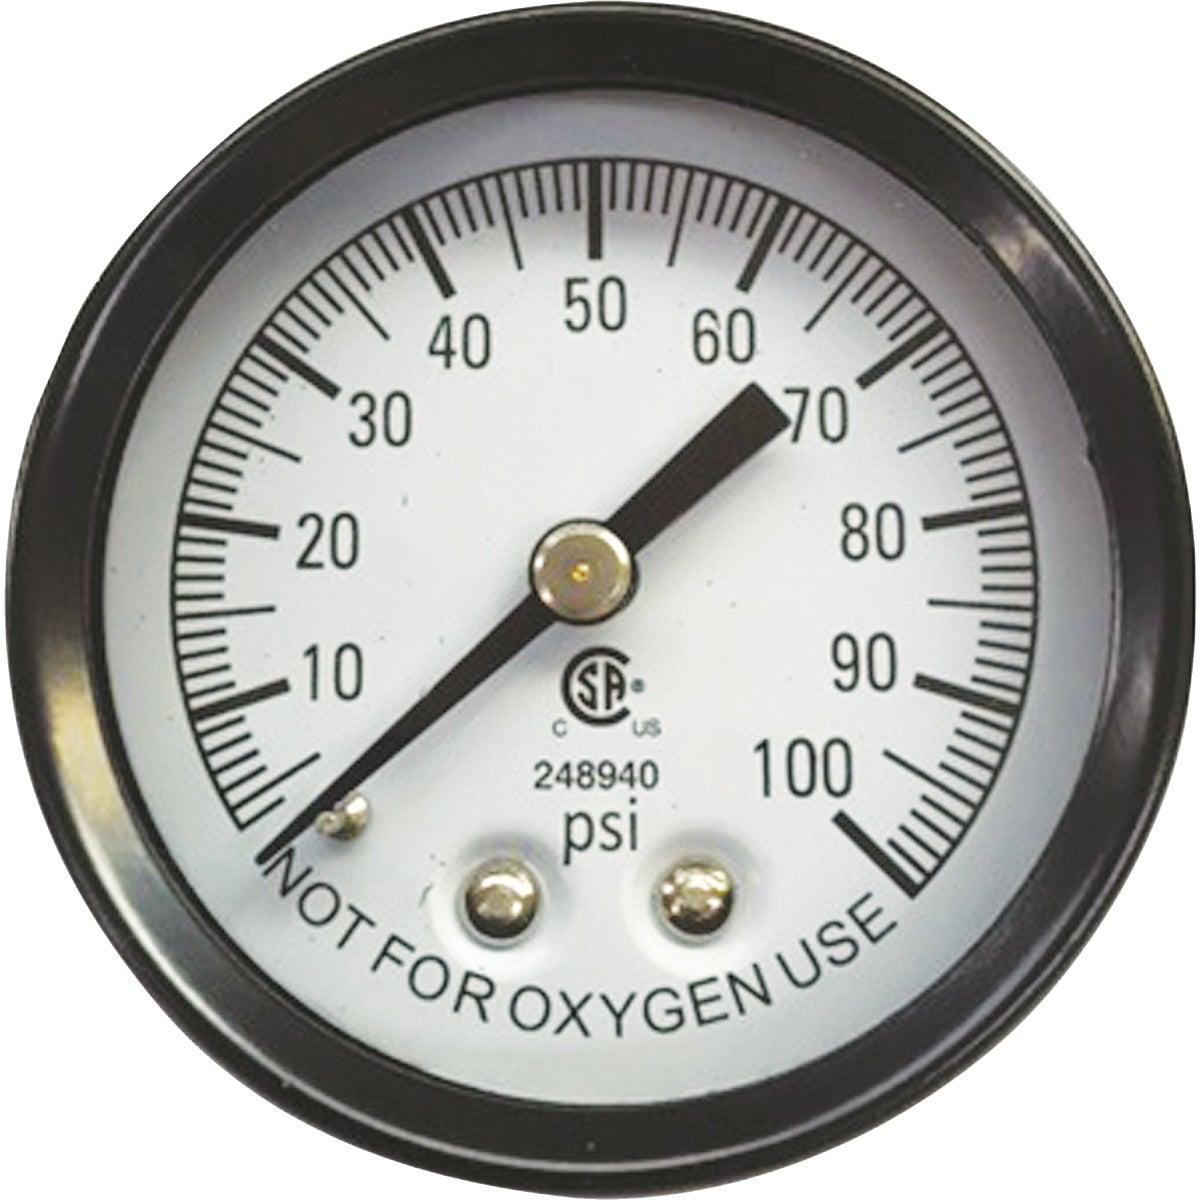 Wayne Home Equipment 0-100 PRESSURE GAUGE 66017-WYN